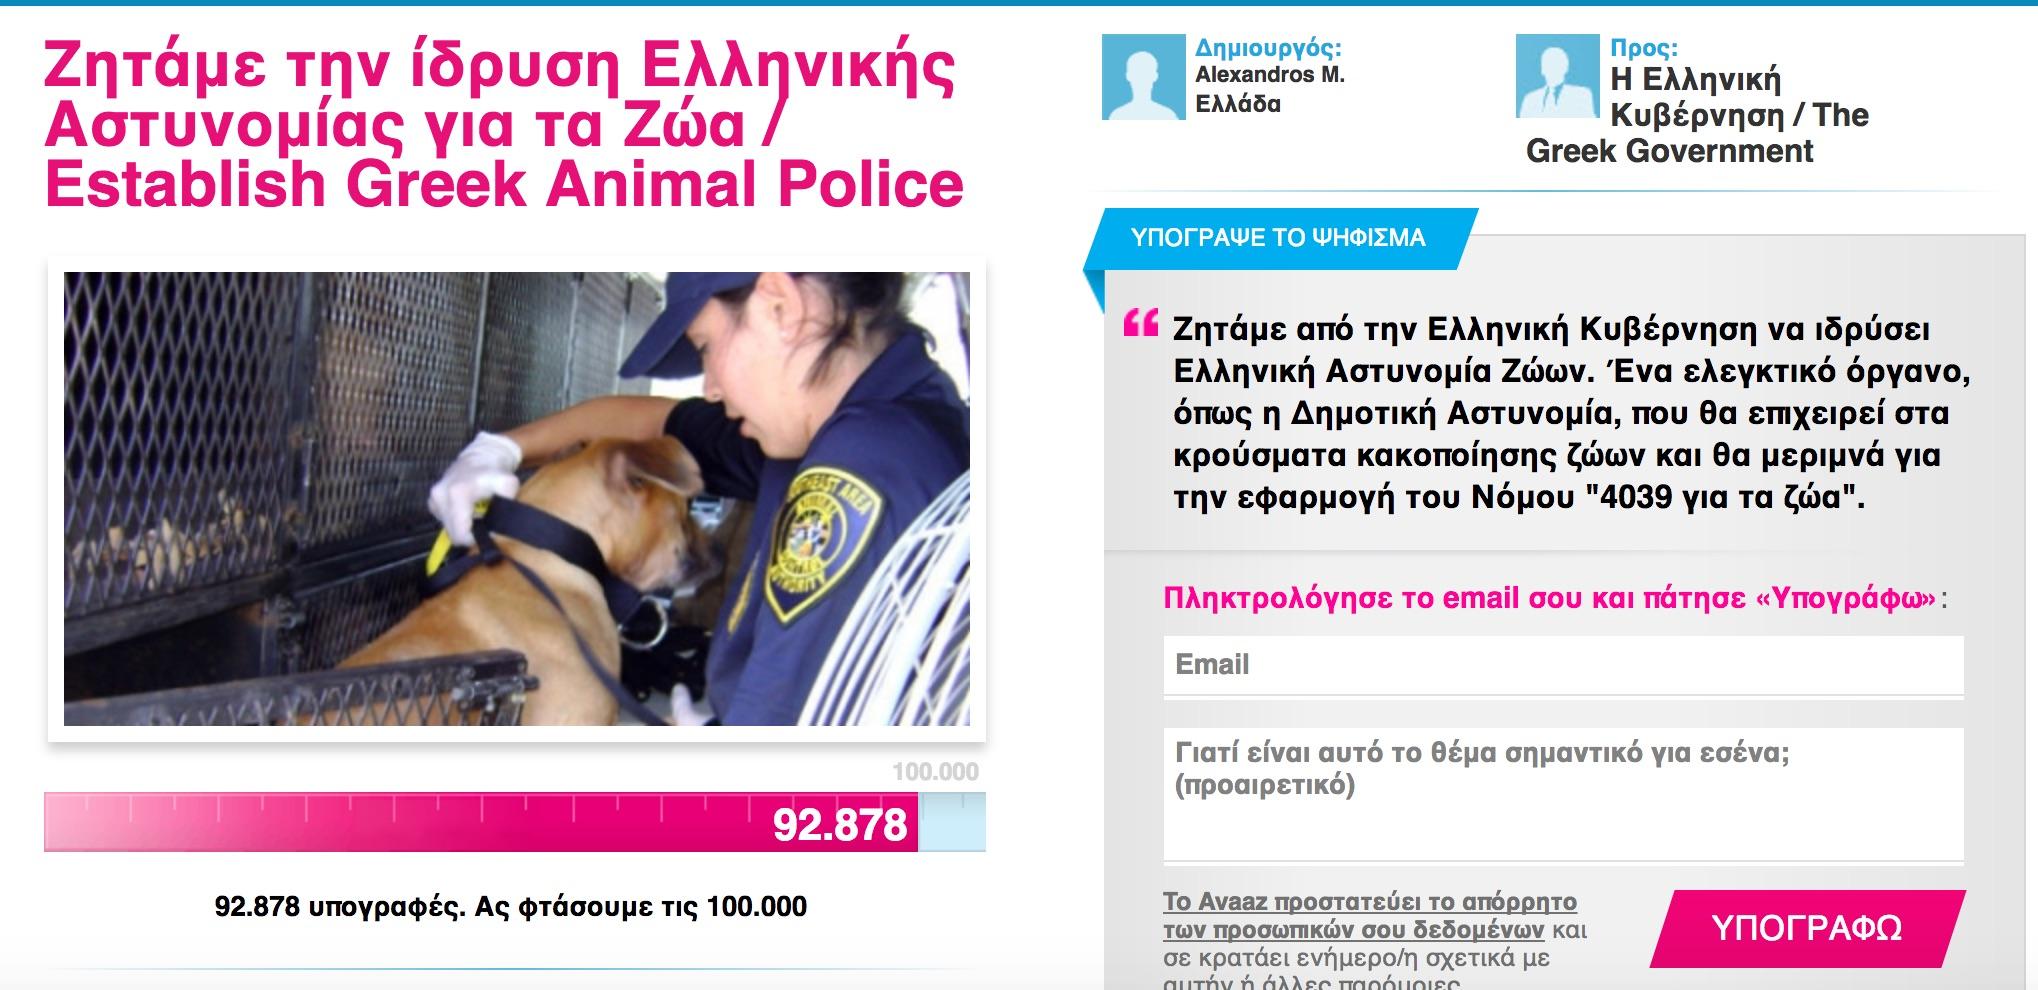 Ελληνικής Αστυνομίας για τα Ζώα